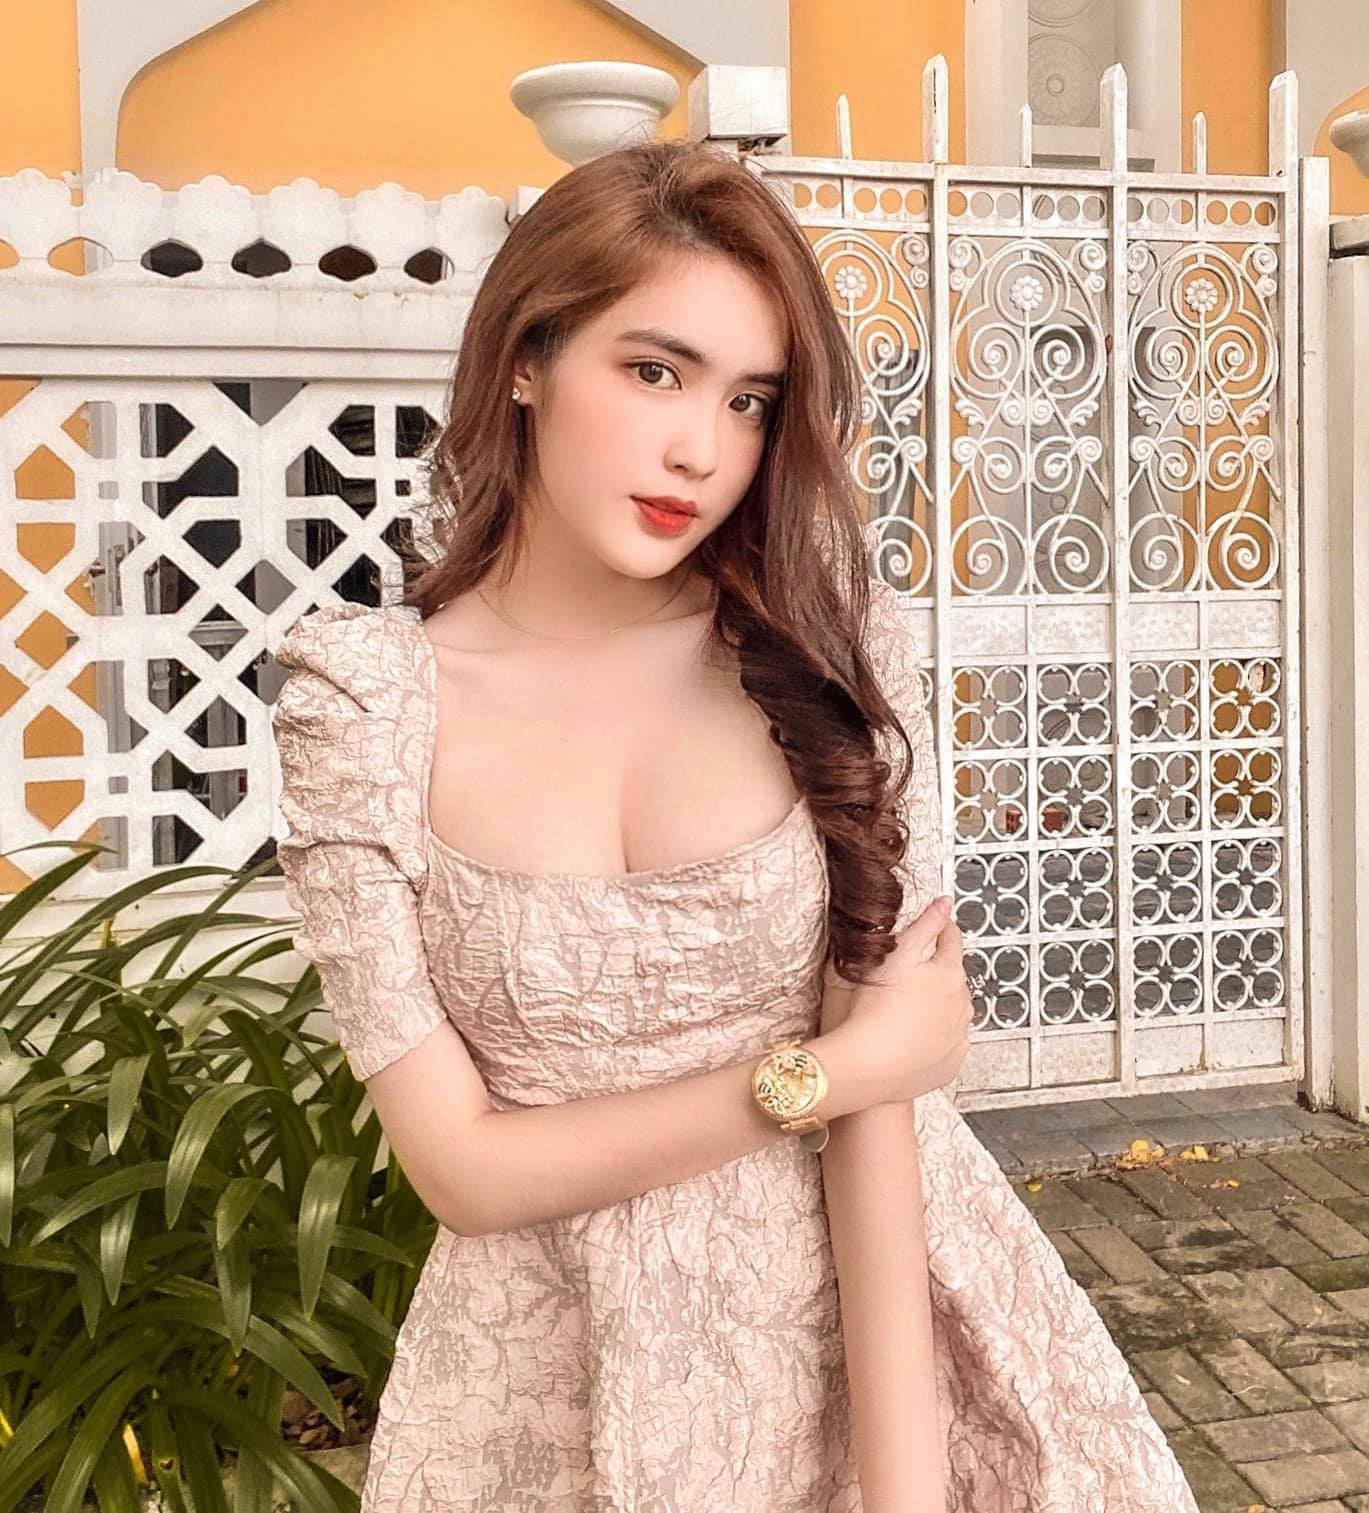 越南18岁美少女DOANGHI气质性感兼具 吃瓜基地 第3张